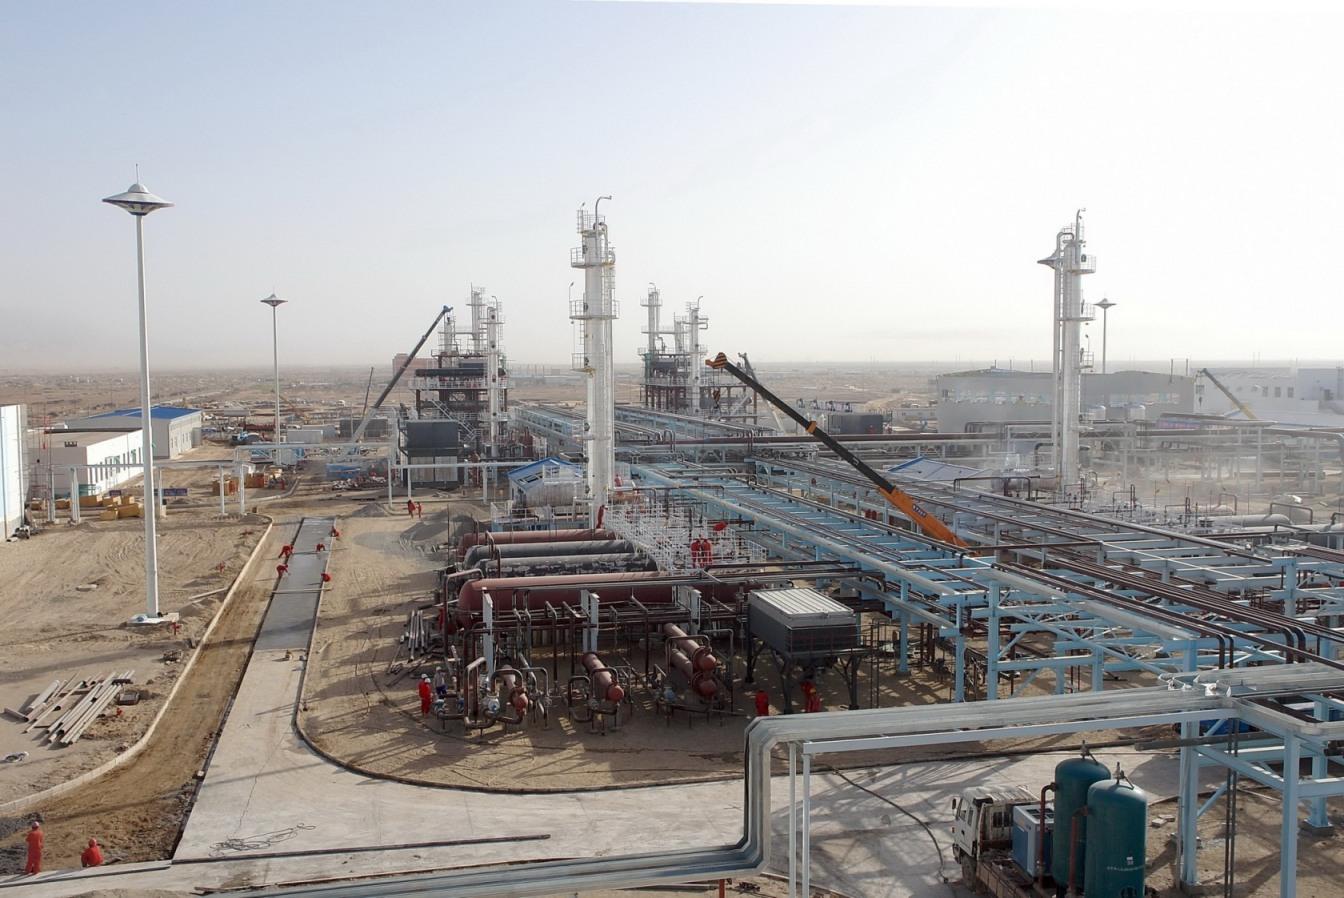 真正的石油石化资讯分享!塔里木油田世界性问题已得到解决,在油气混输项目上,作为配套设备的转子泵可以起到非常大的作用,首先我们先来看看是什么样的世界性问题得到了解决呢? 在国际著名石油组织AAPG与SEG联合举办的2016年国际会议上,中国石油塔里木油田科研成果库车前陆冲断带盐下超深特大型砂岩气田发现与理论技术创新被与会国内外地质家评定为近年来世界油气勘探界的重要成果之一。  库车山前是塔里木天然气勘探主战场。对于其复杂性,地质家们这样形容:深度像弹簧,高点带轱辘,圈闭捉迷藏,被称为地质界的哥德巴赫猜想